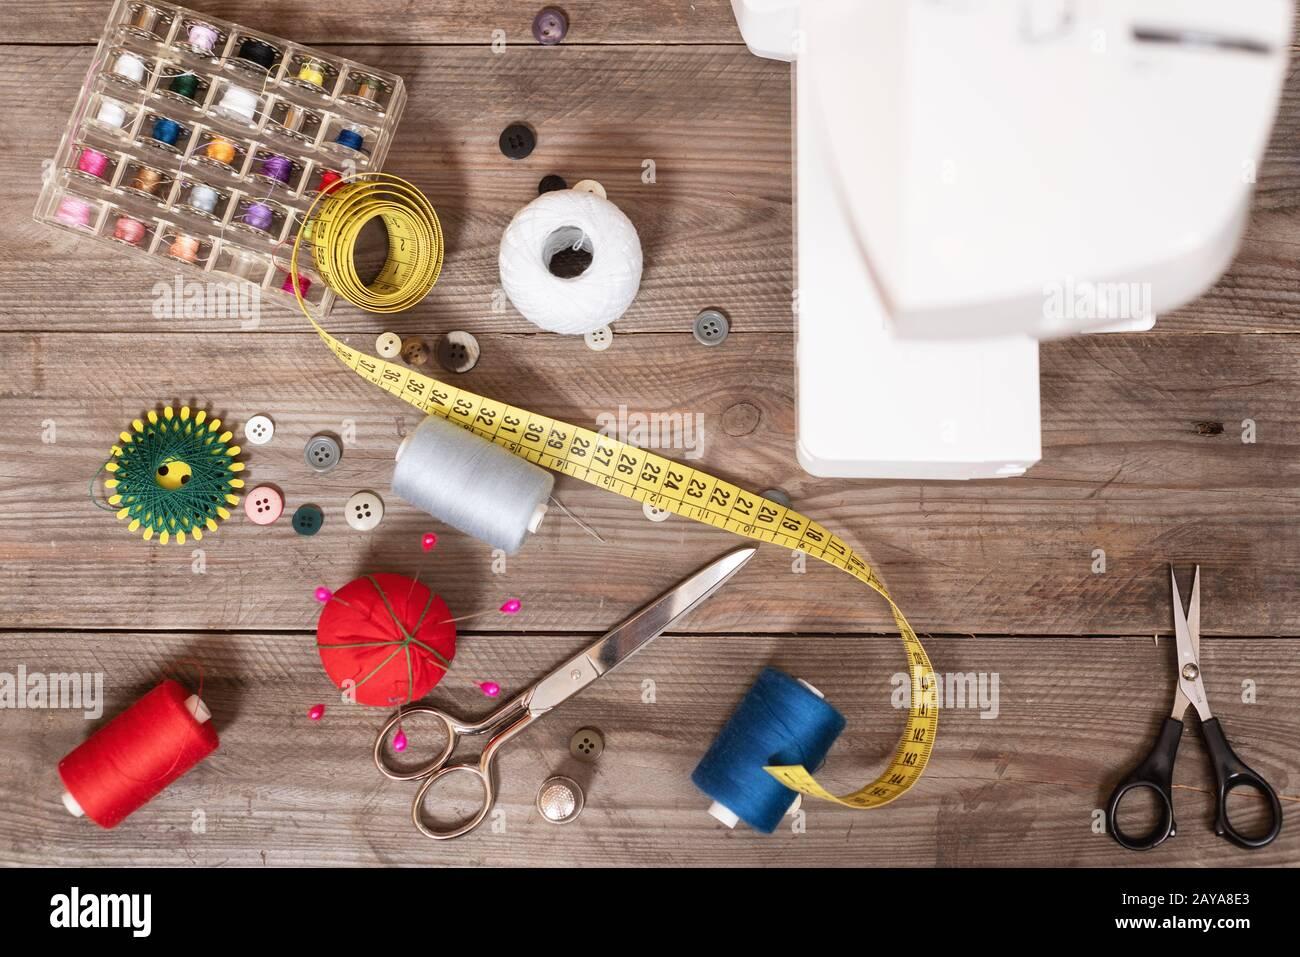 Sewing and Seamstress tools